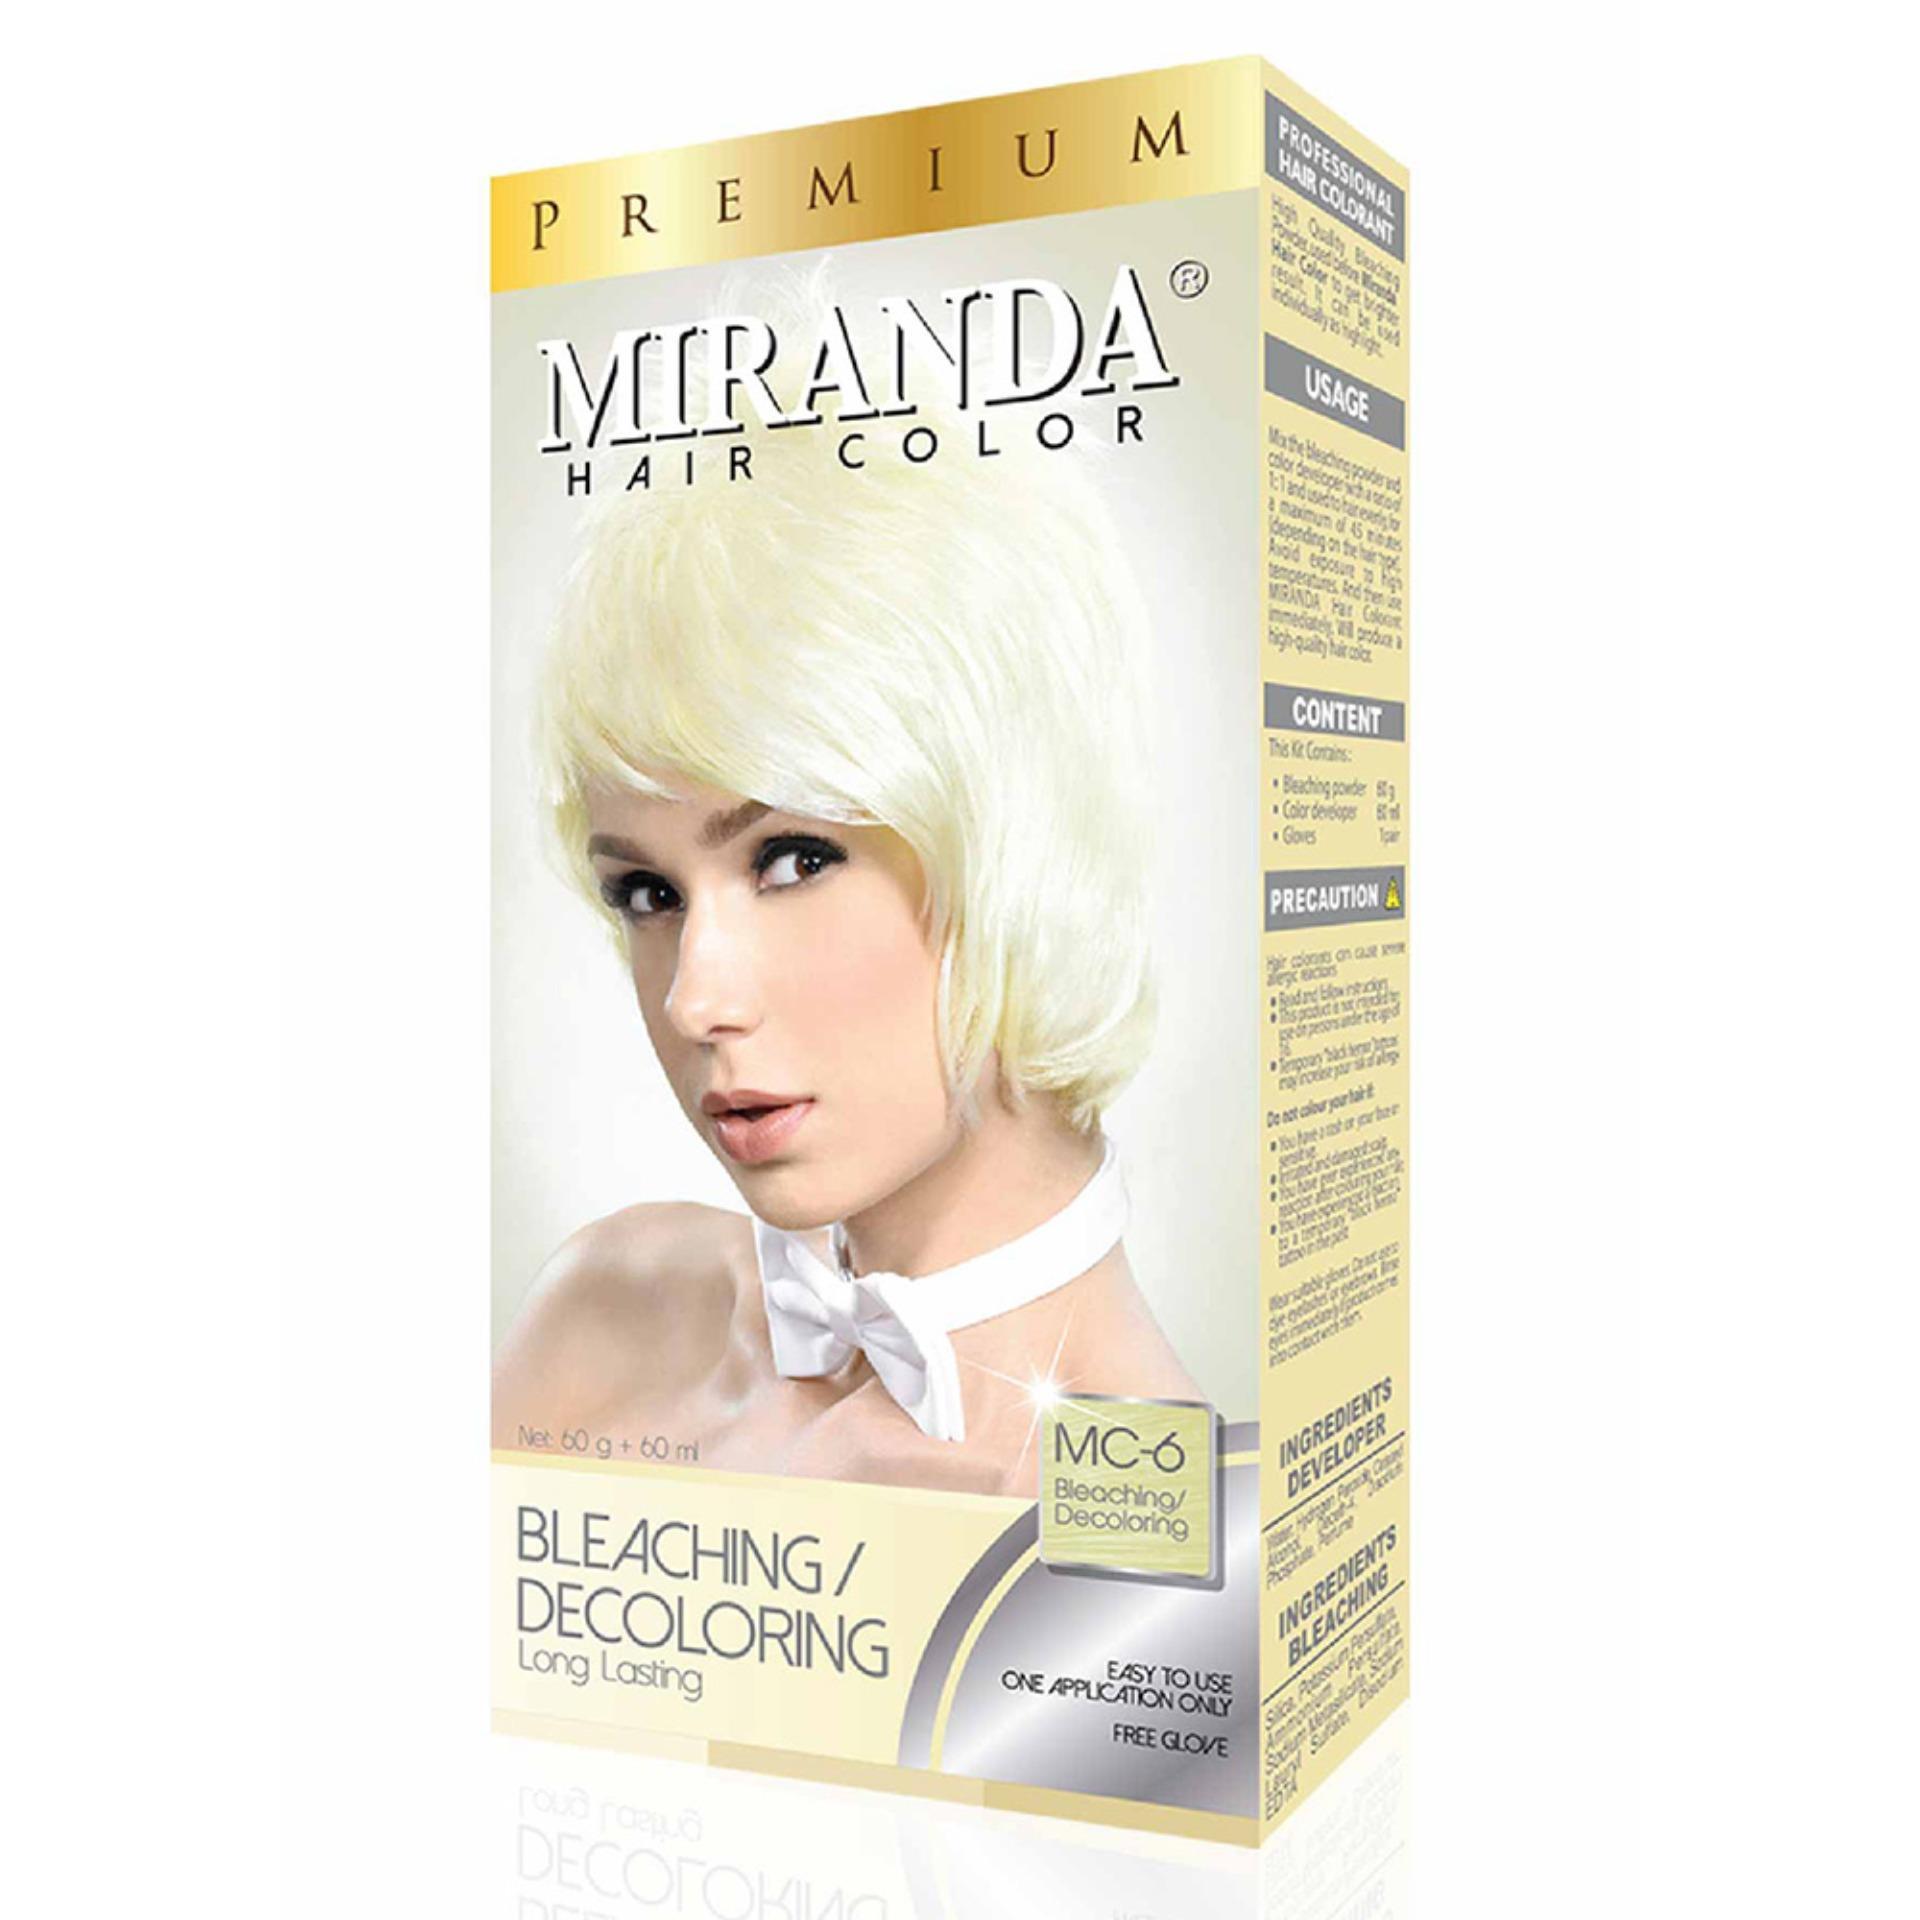 Miranda Permanent Hair Color Cat Rambut MC-6 - Bleaching